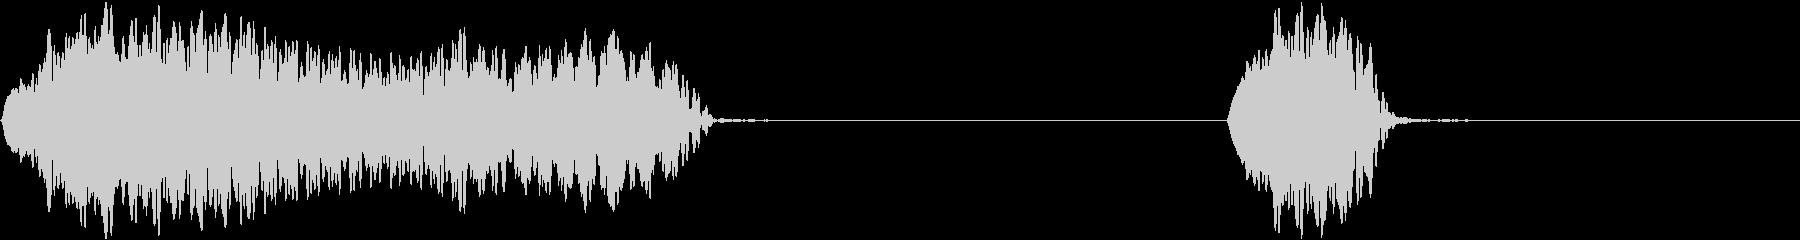 ピーッピッ(ホイッスル 信号)の未再生の波形